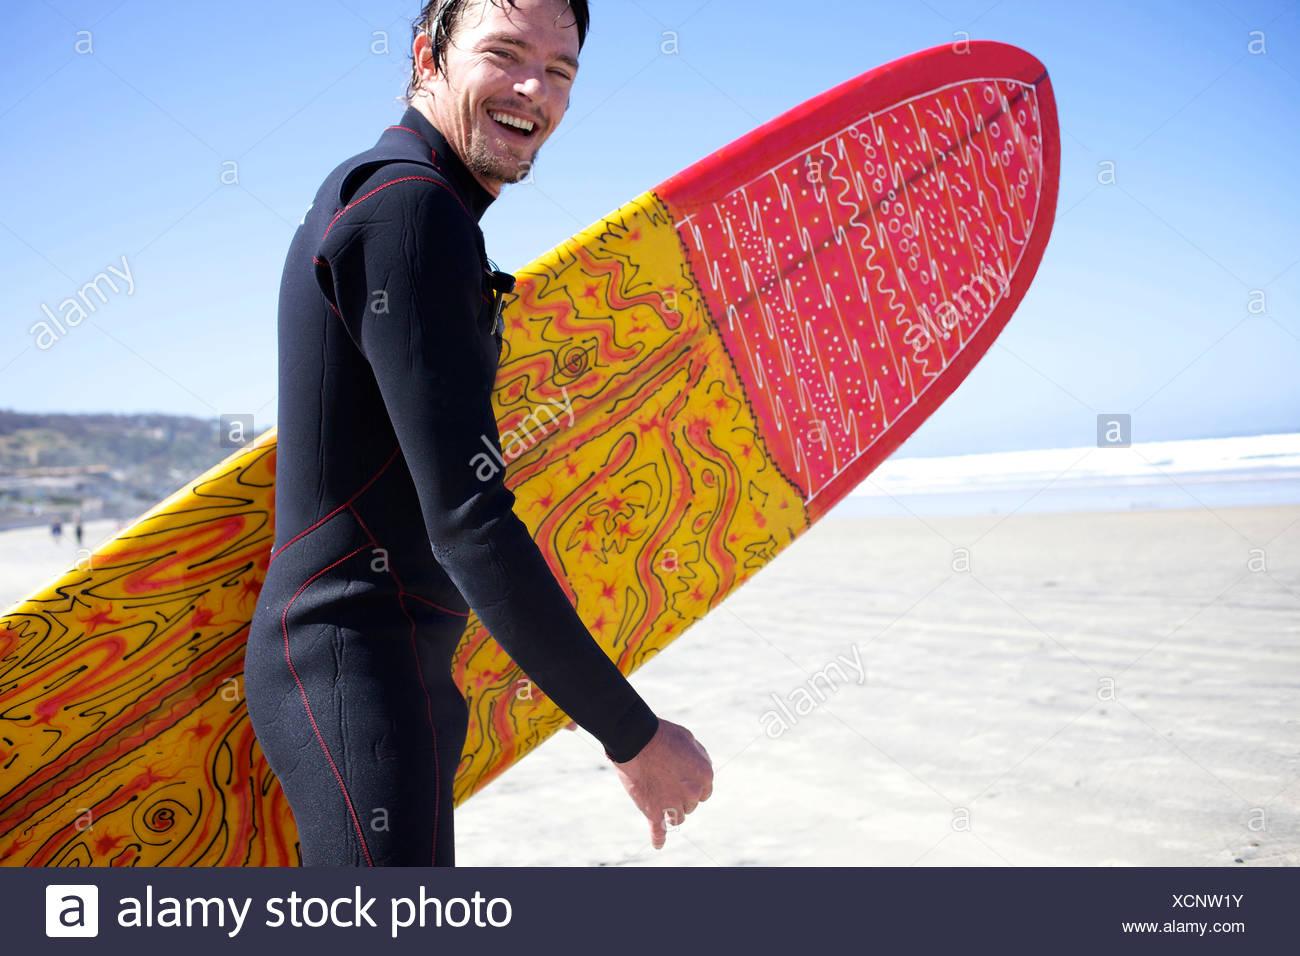 Männliche Surfer rennt auf dem Wasser während lächelnd. Stockbild